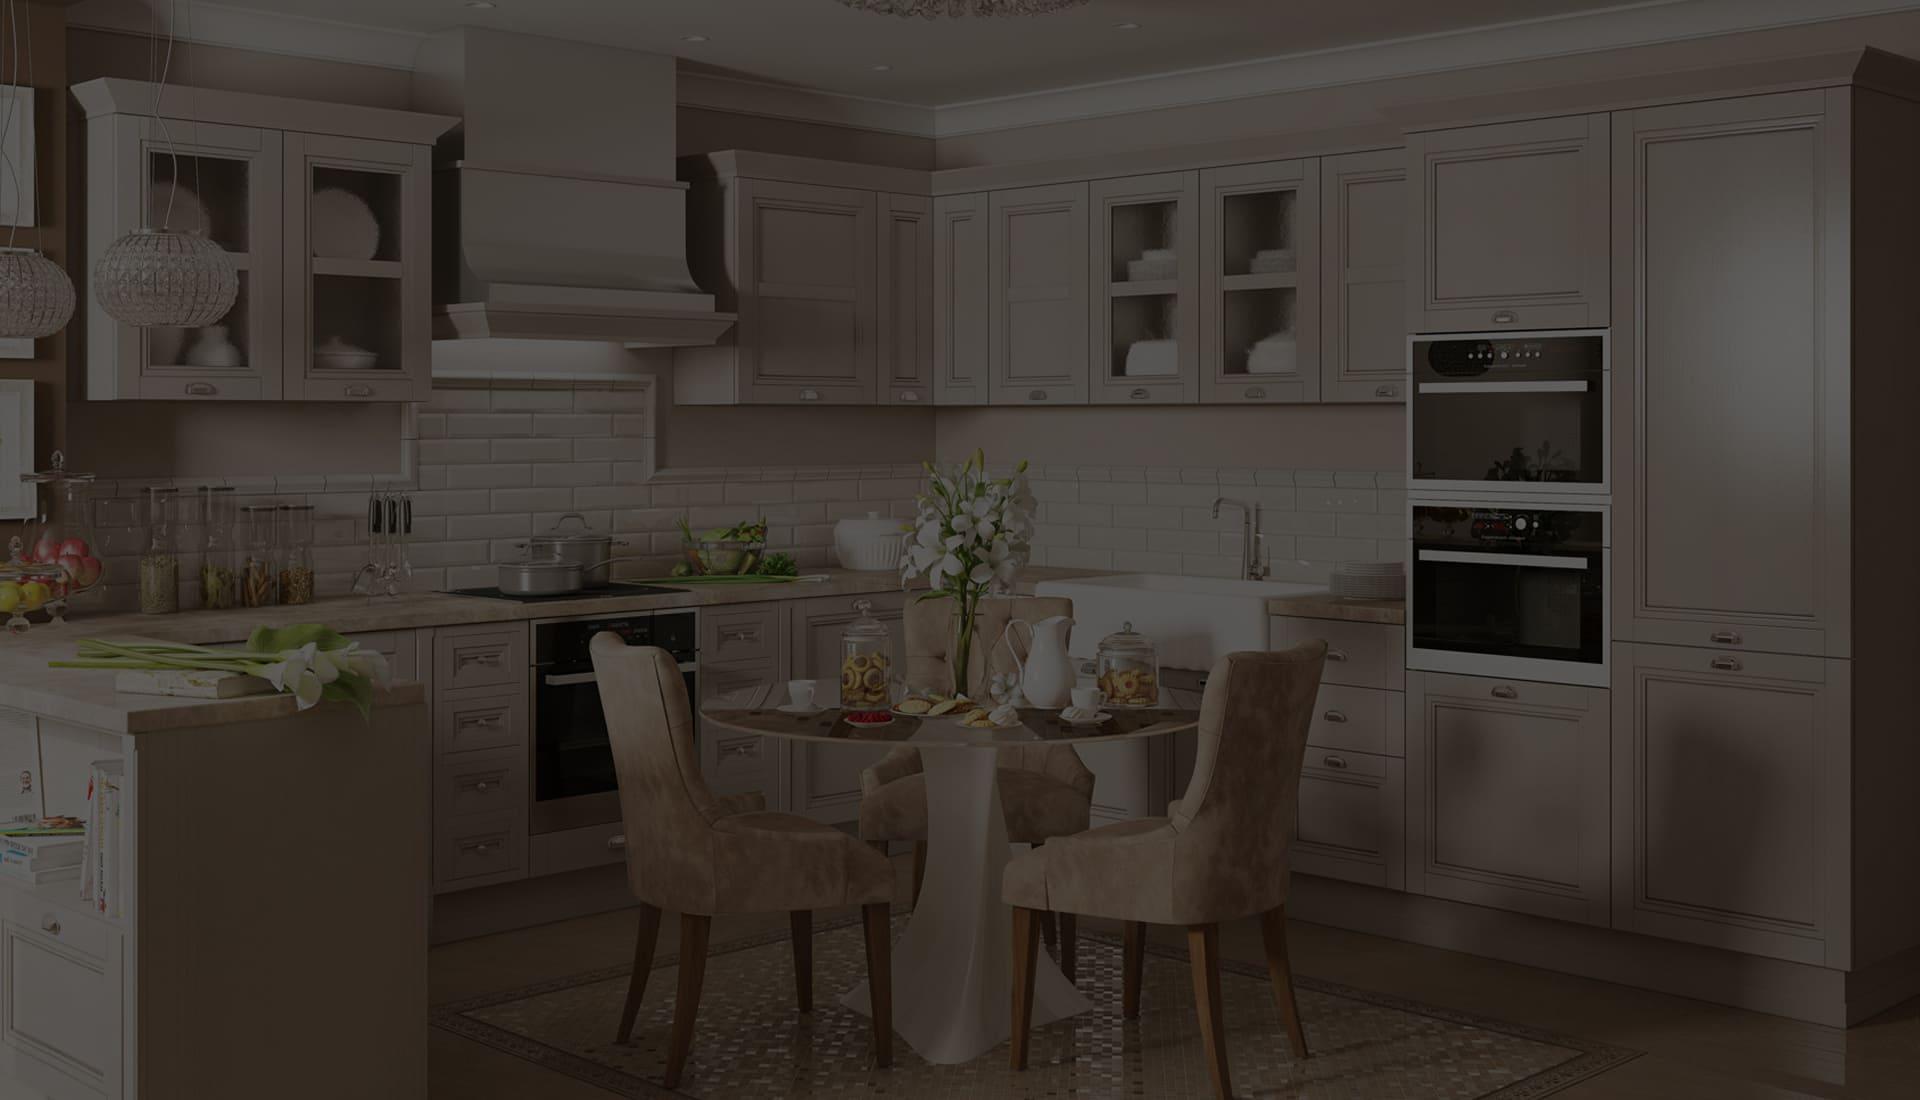 респектабельная кухня в классическом английском стиле